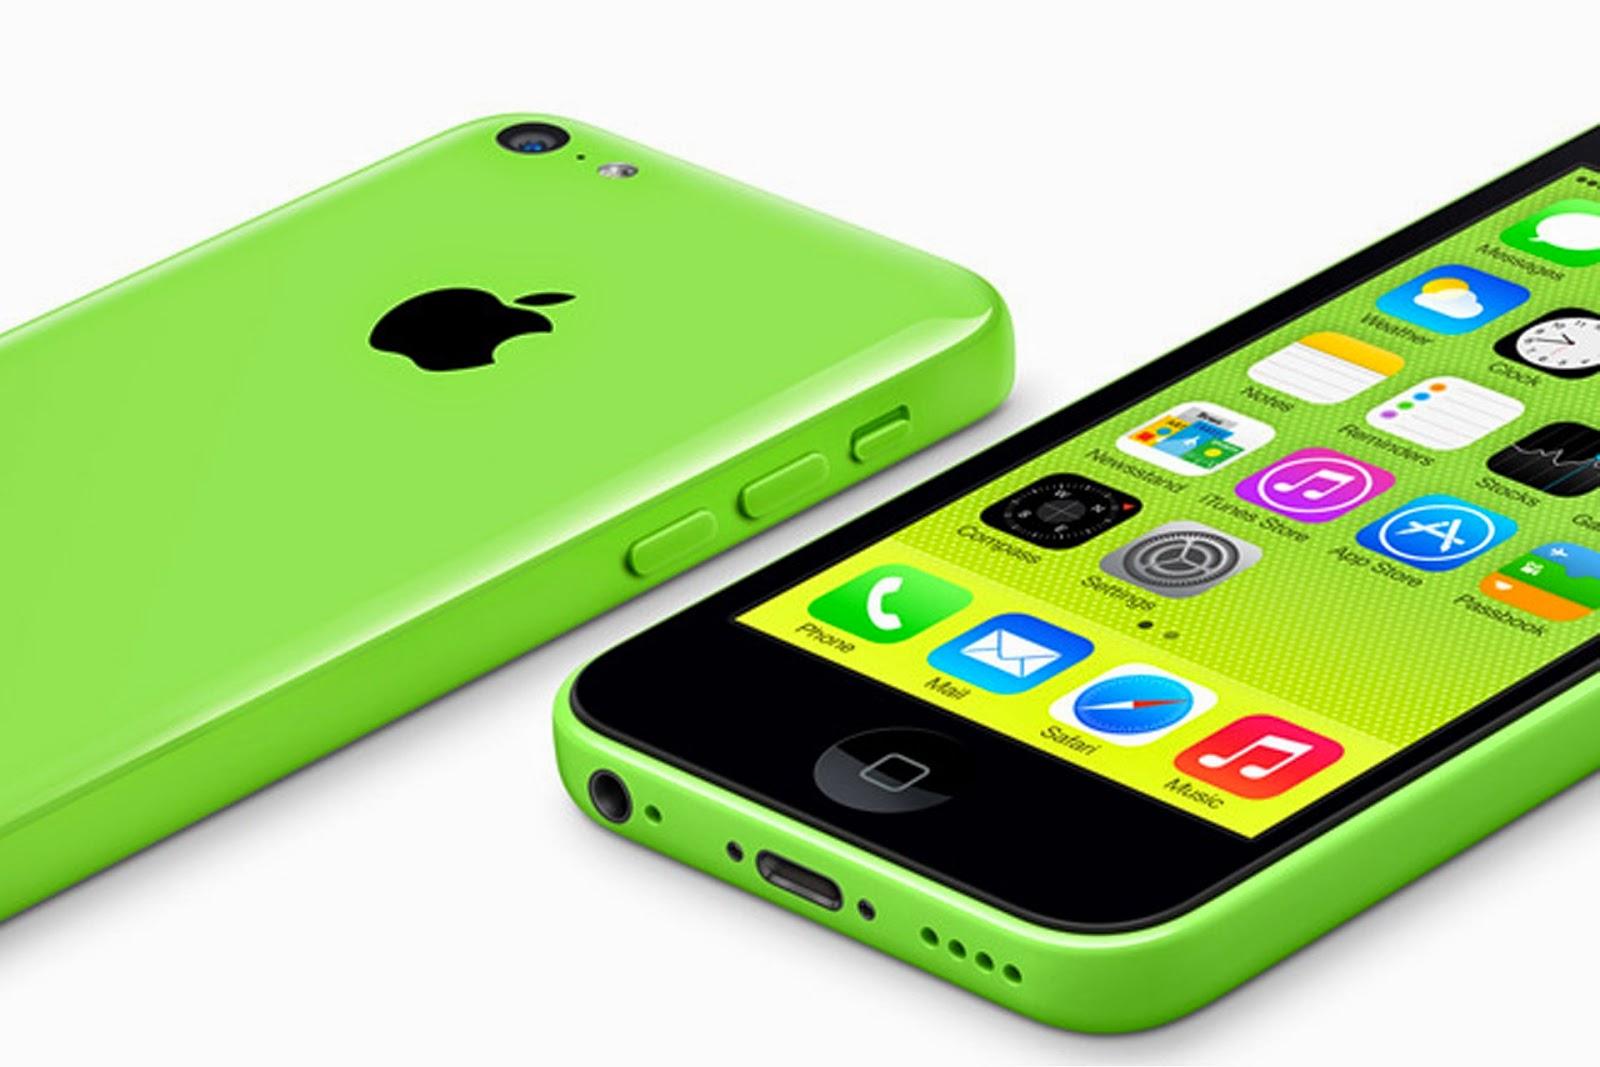 Harga iPhone Terbaru Februari 2015